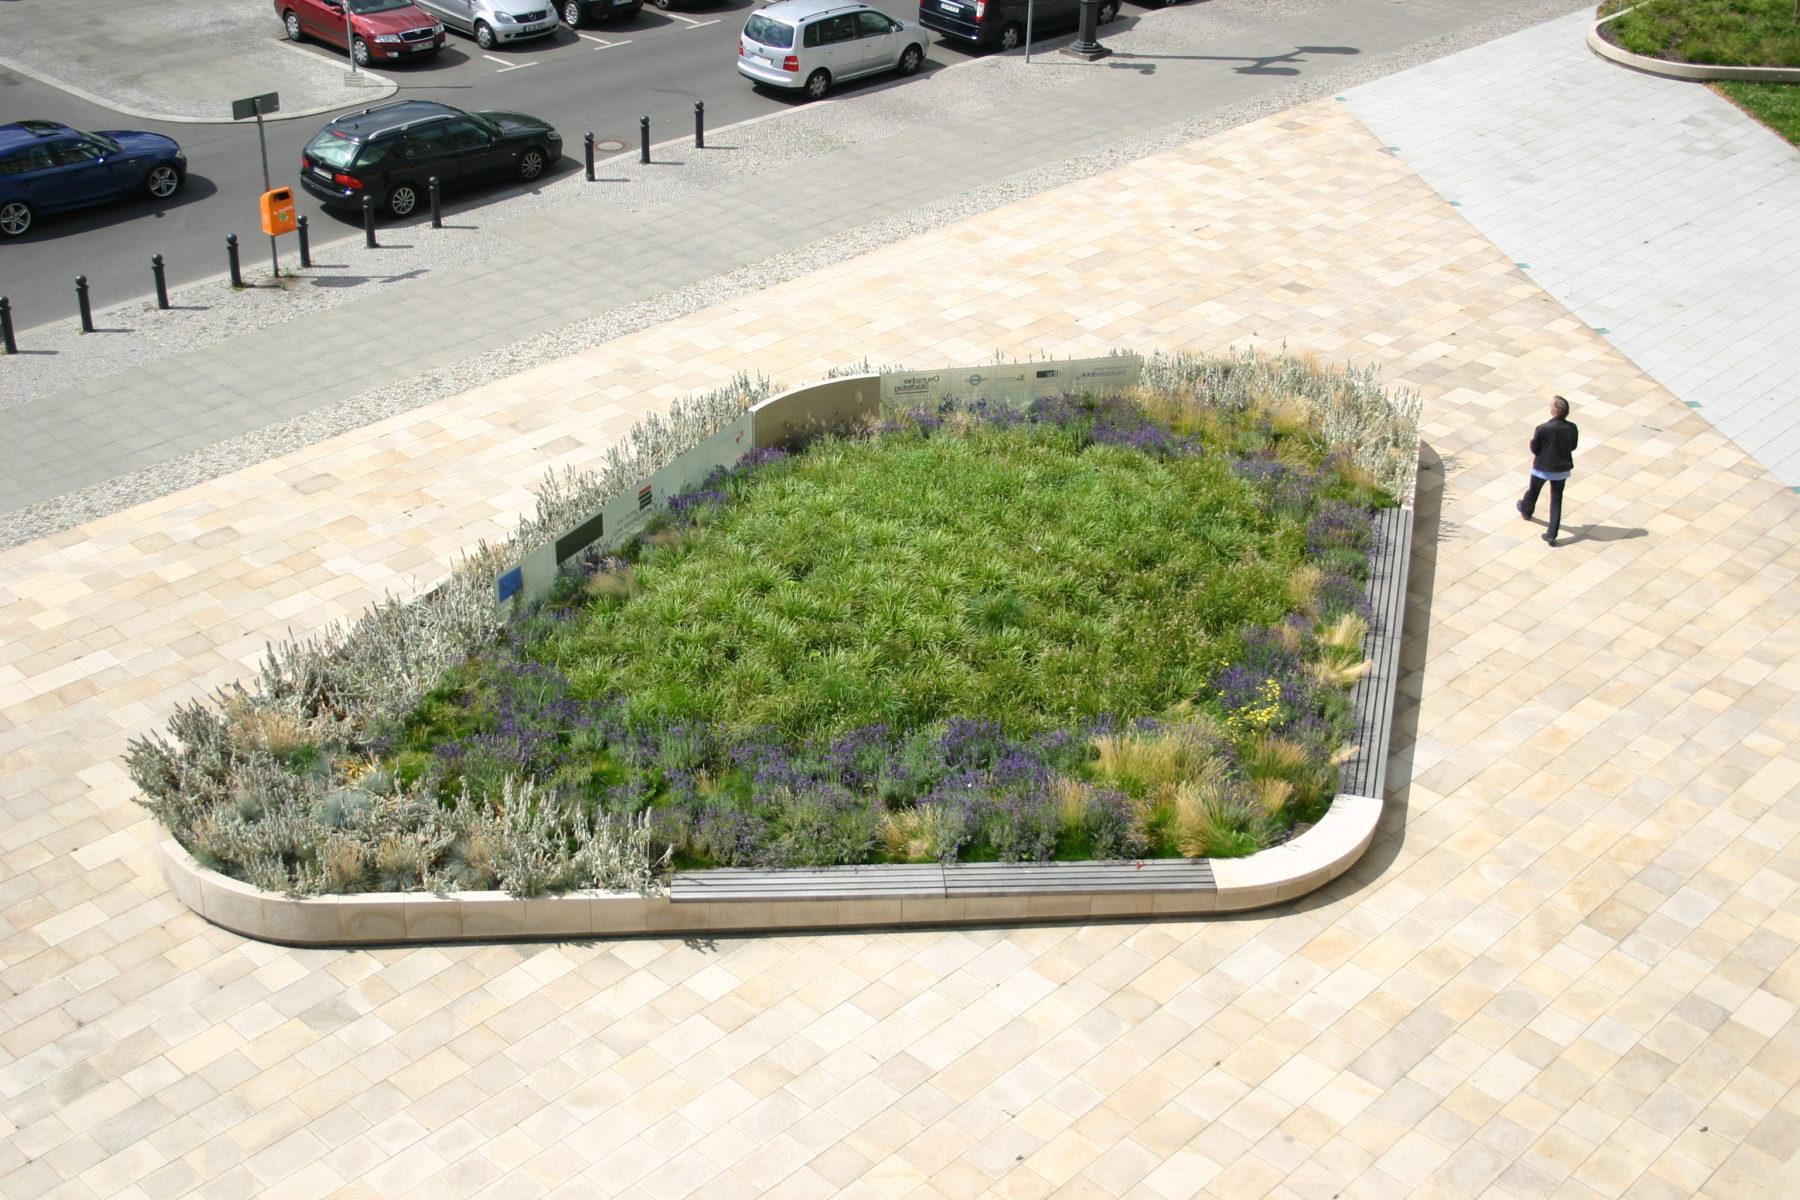 STrauma Landschaftsarchitektur Berlin landscape architects Ernst Reuter Haus Berlin Park Gartenelement Sitzfläche Bänke